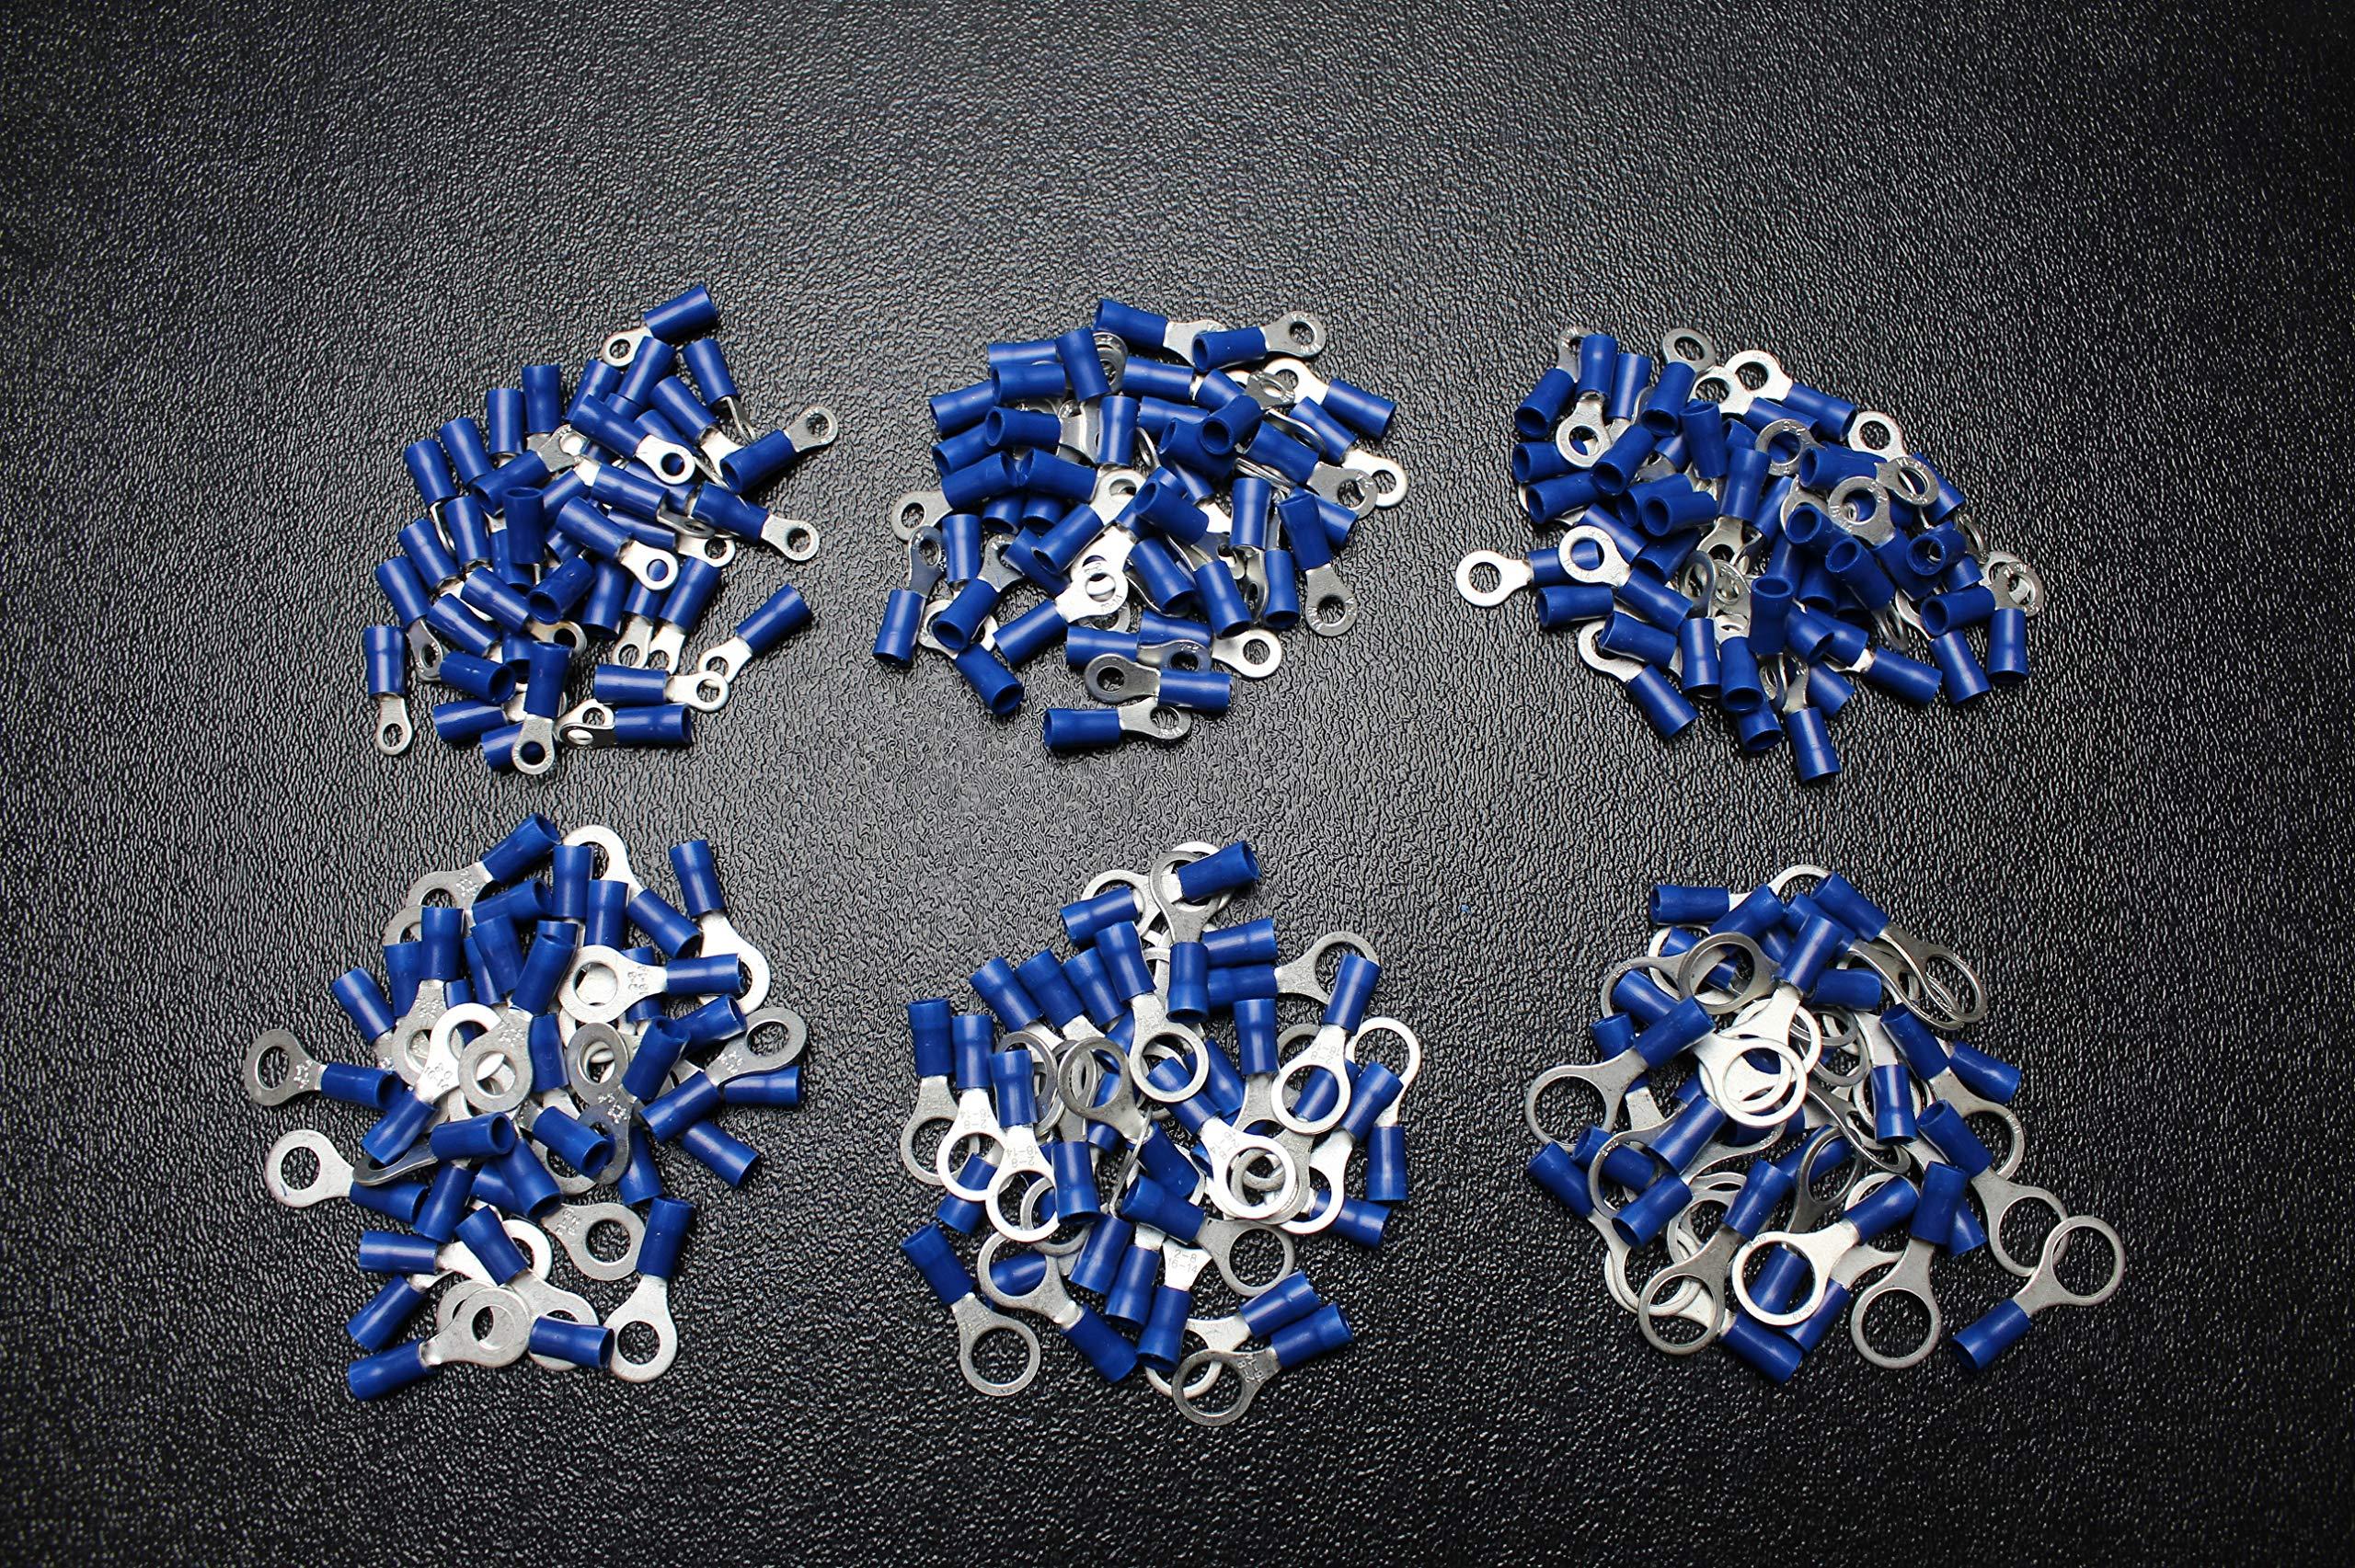 1200 PK 14-16 Gauge Vinyl Ring CONNECTORS 200 PCS Each #6#8#10 1/4 5/16 3/8